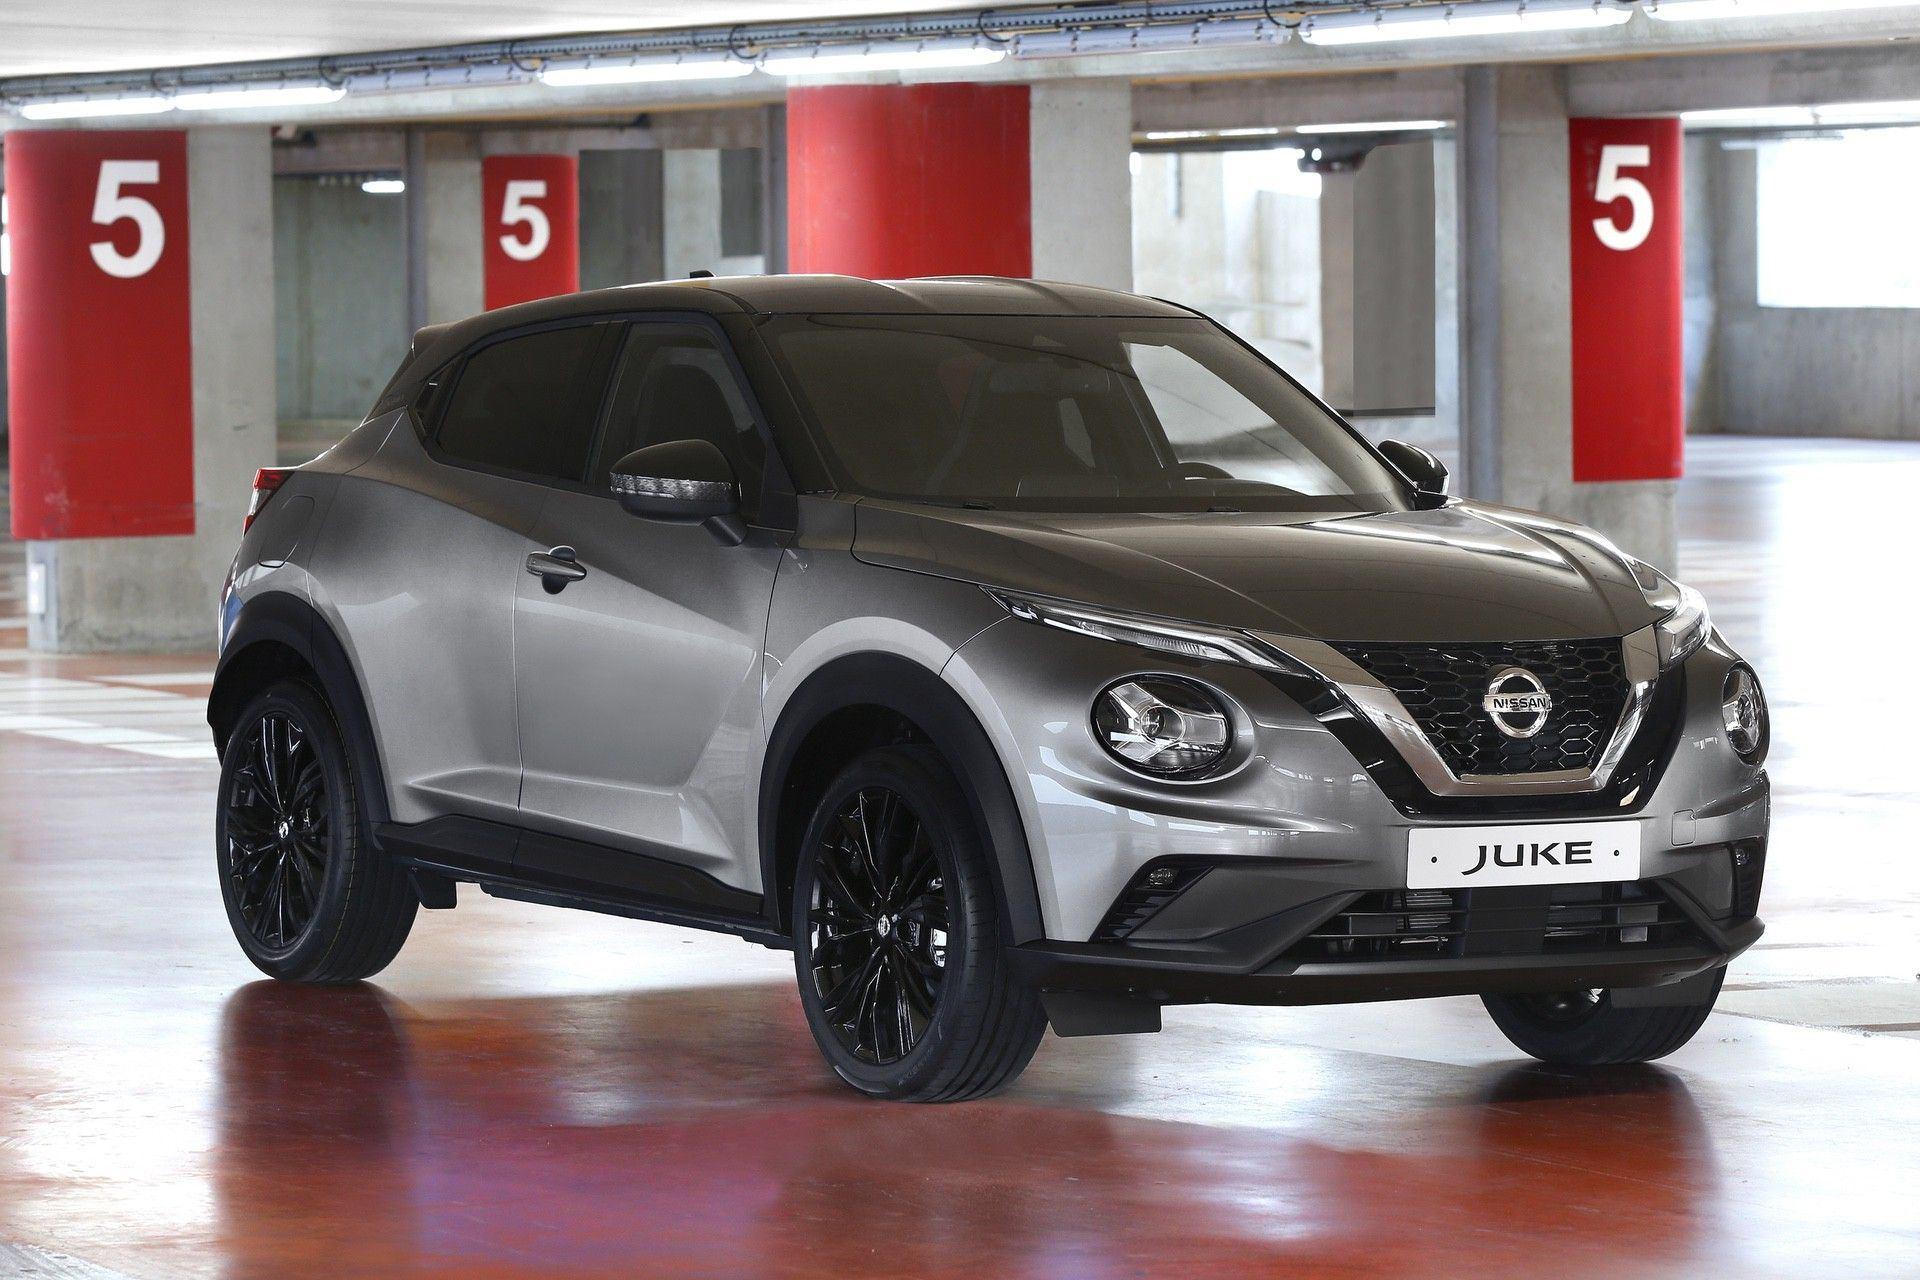 Nissan_Juke_Enigma_0000